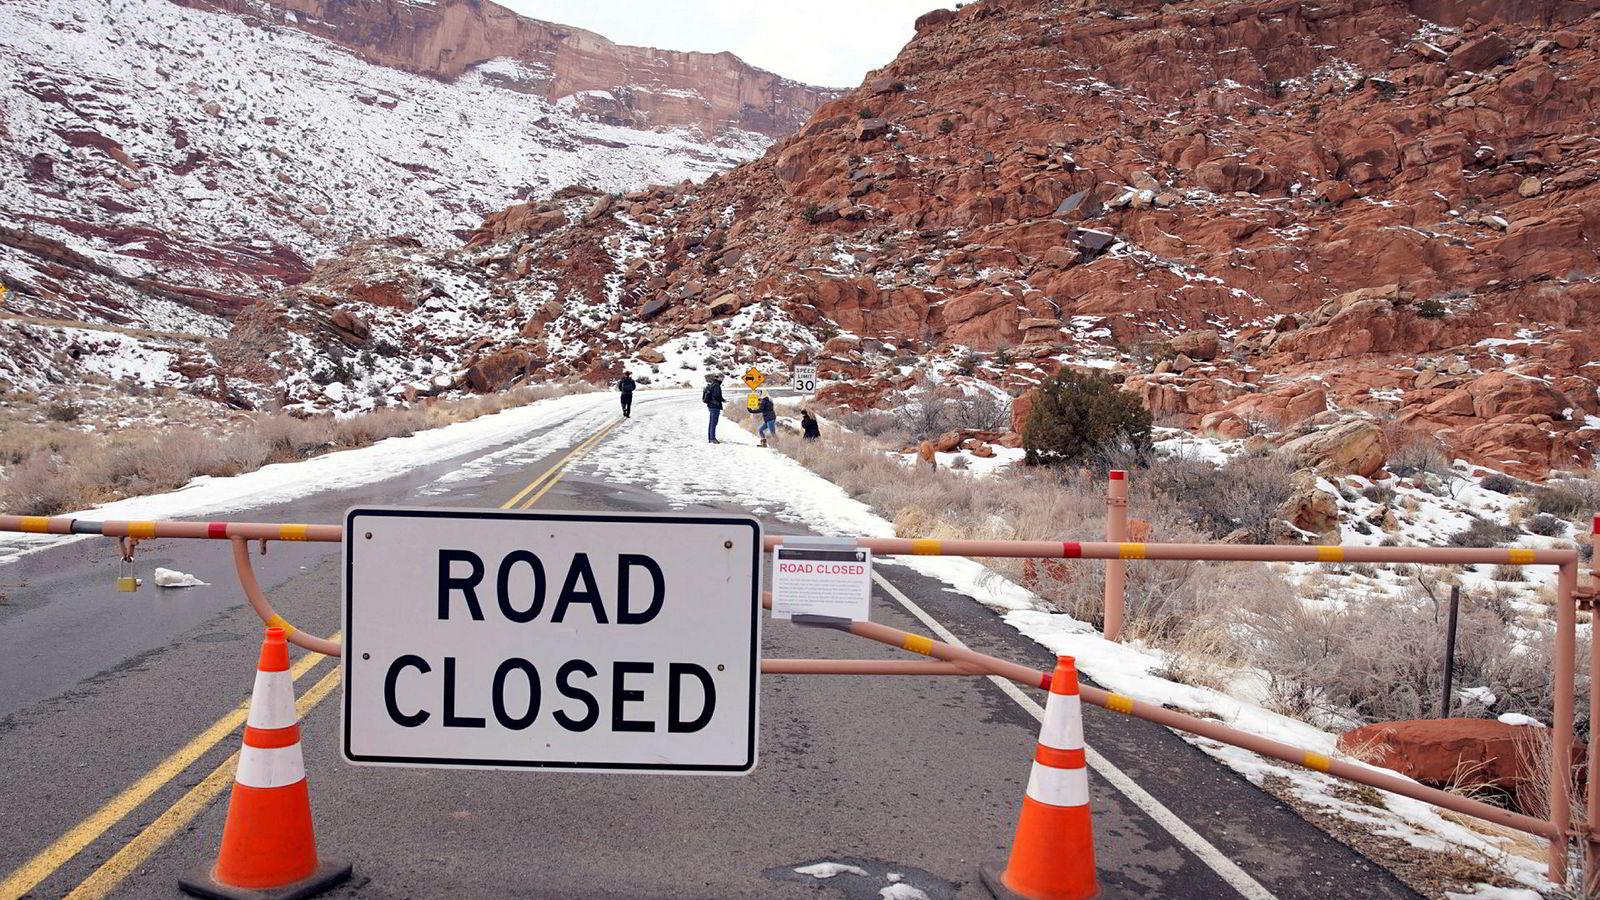 Flere nasjonalparker er stengt på grunn av det delvis stengte statsapparatet i USA. Bildet viser nasjonalparken Arches i Utah.